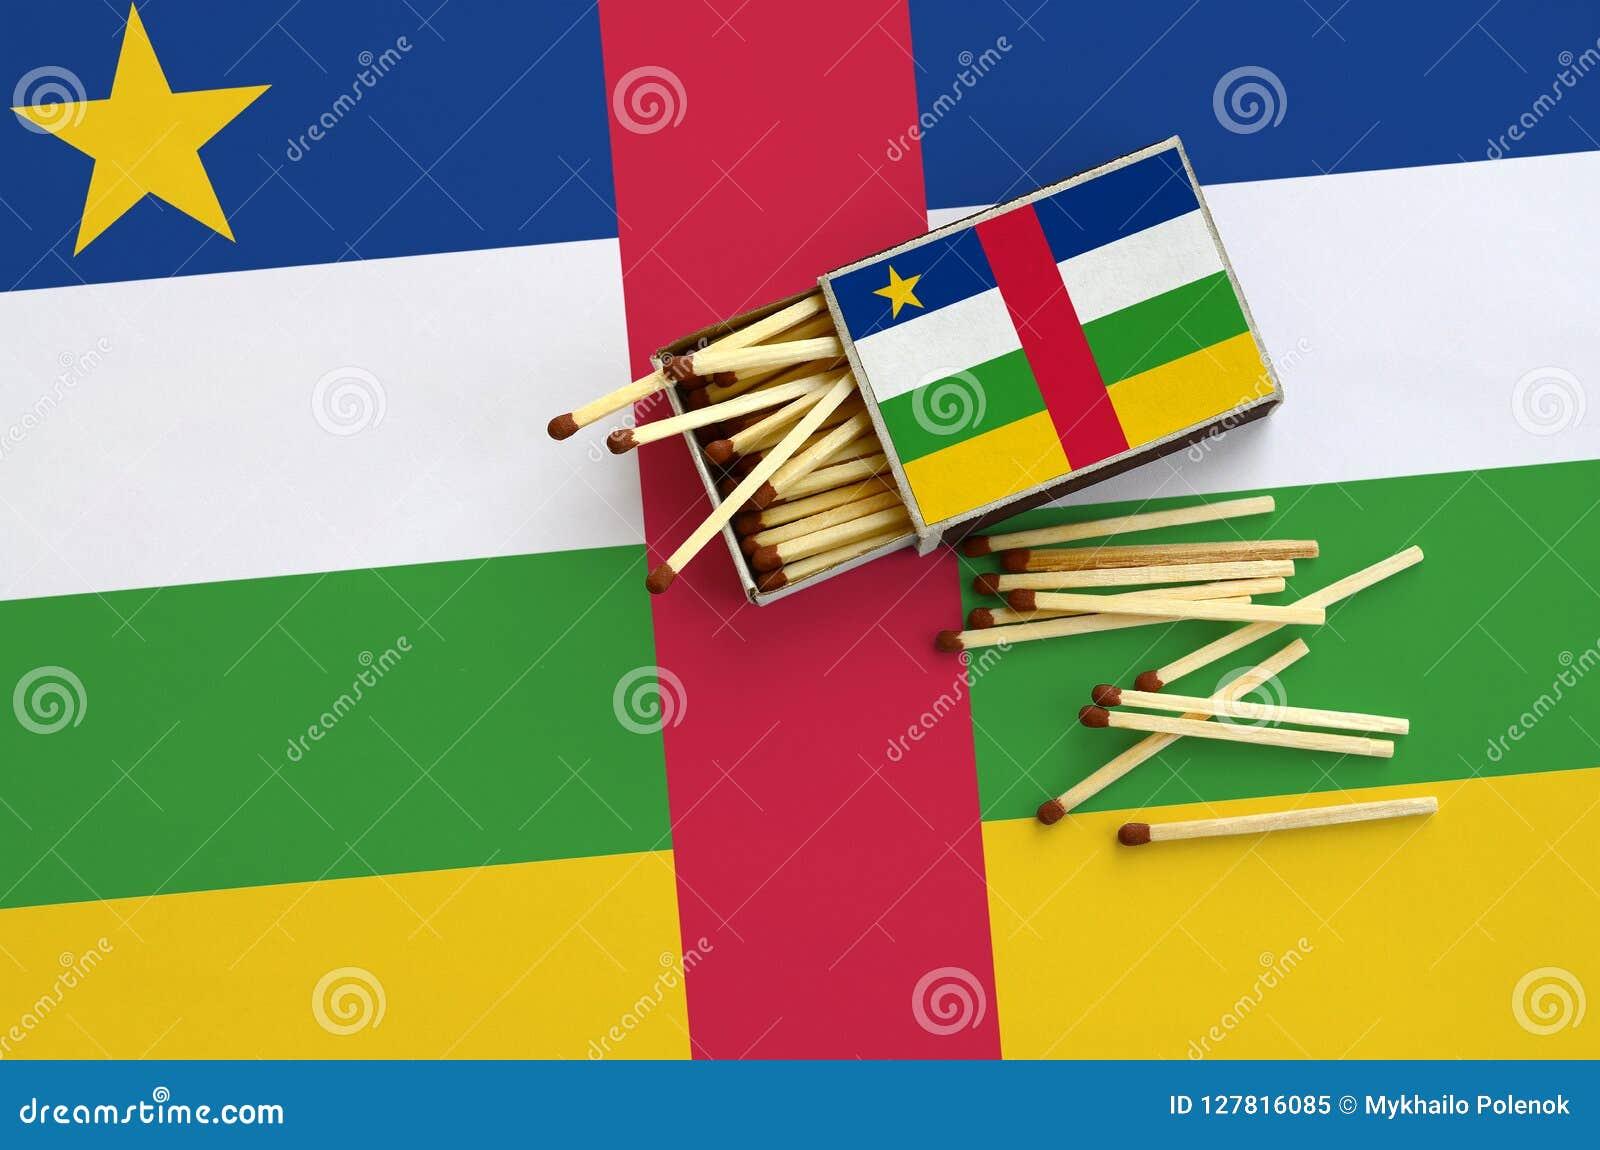 Η σημαία Κεντροαφρικανικής Δημοκρατίας παρουσιάζεται σε ένα ανοικτό σπιρτόκουτο, από το οποίο διάφορες αντιστοιχίες αφορούν και β